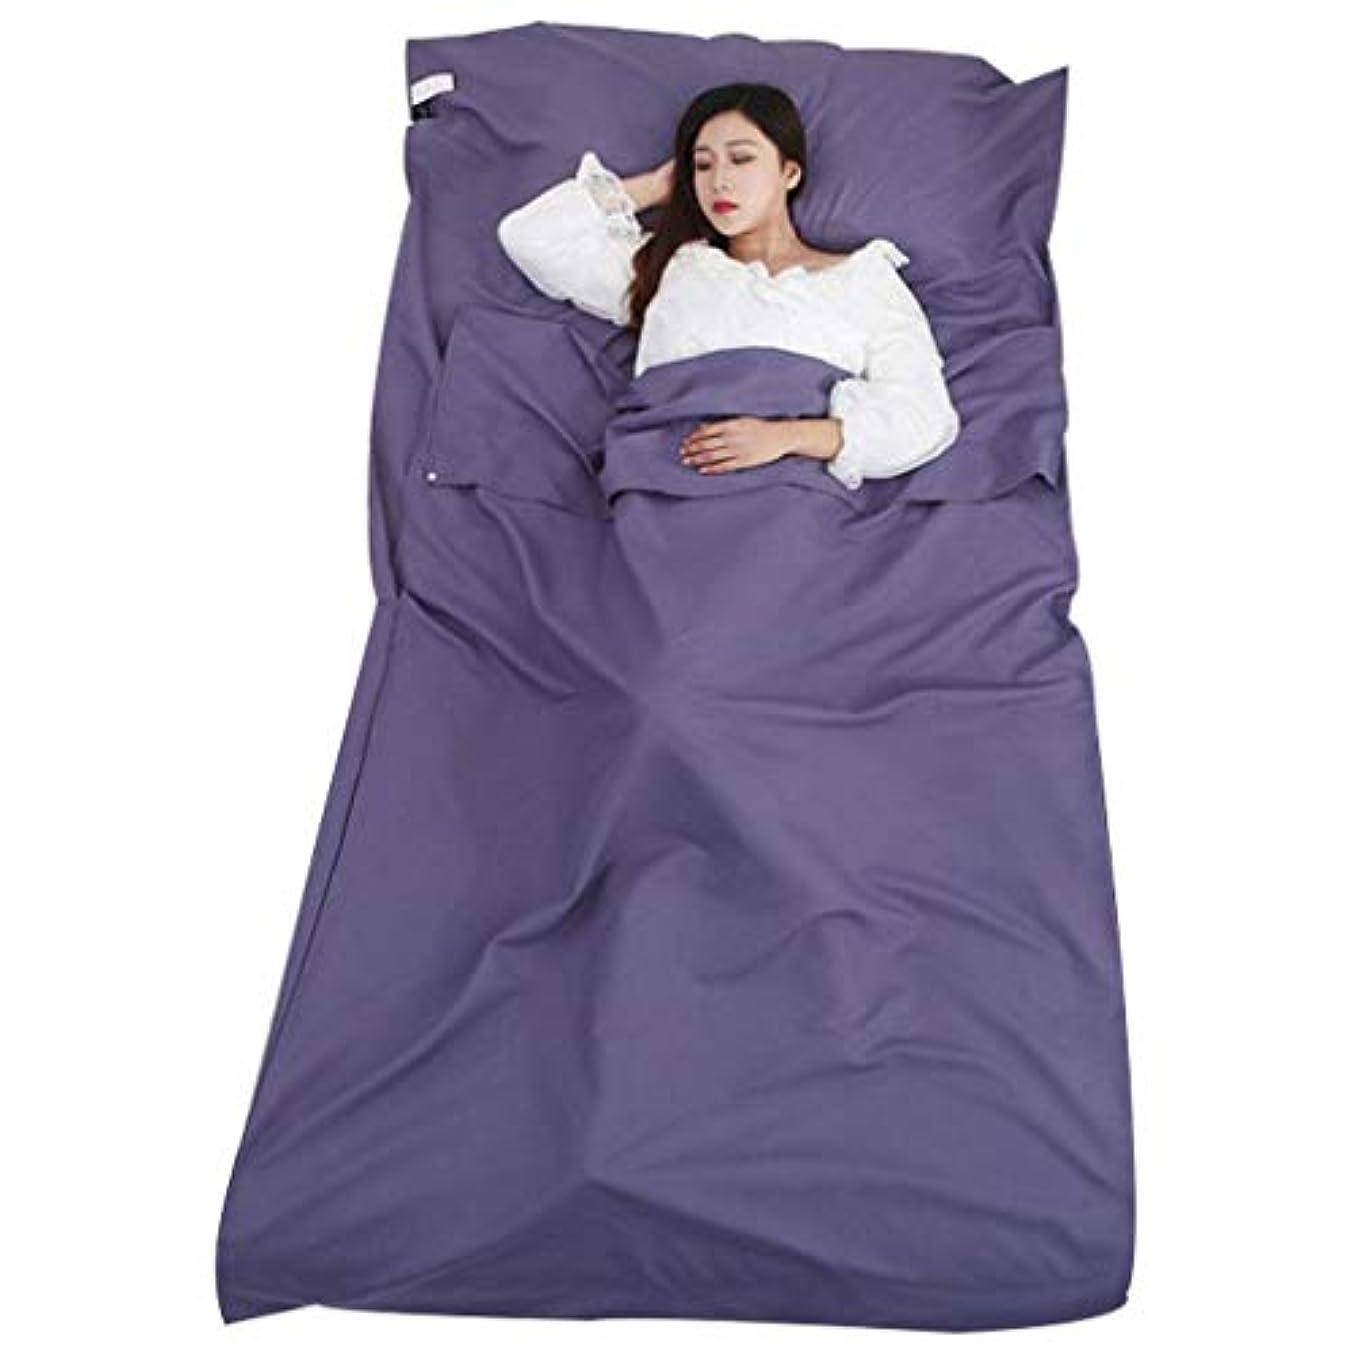 アンドリューハリディ誓いアパート寝袋ライナー、大人のための二重寝袋、軽量夏寝袋